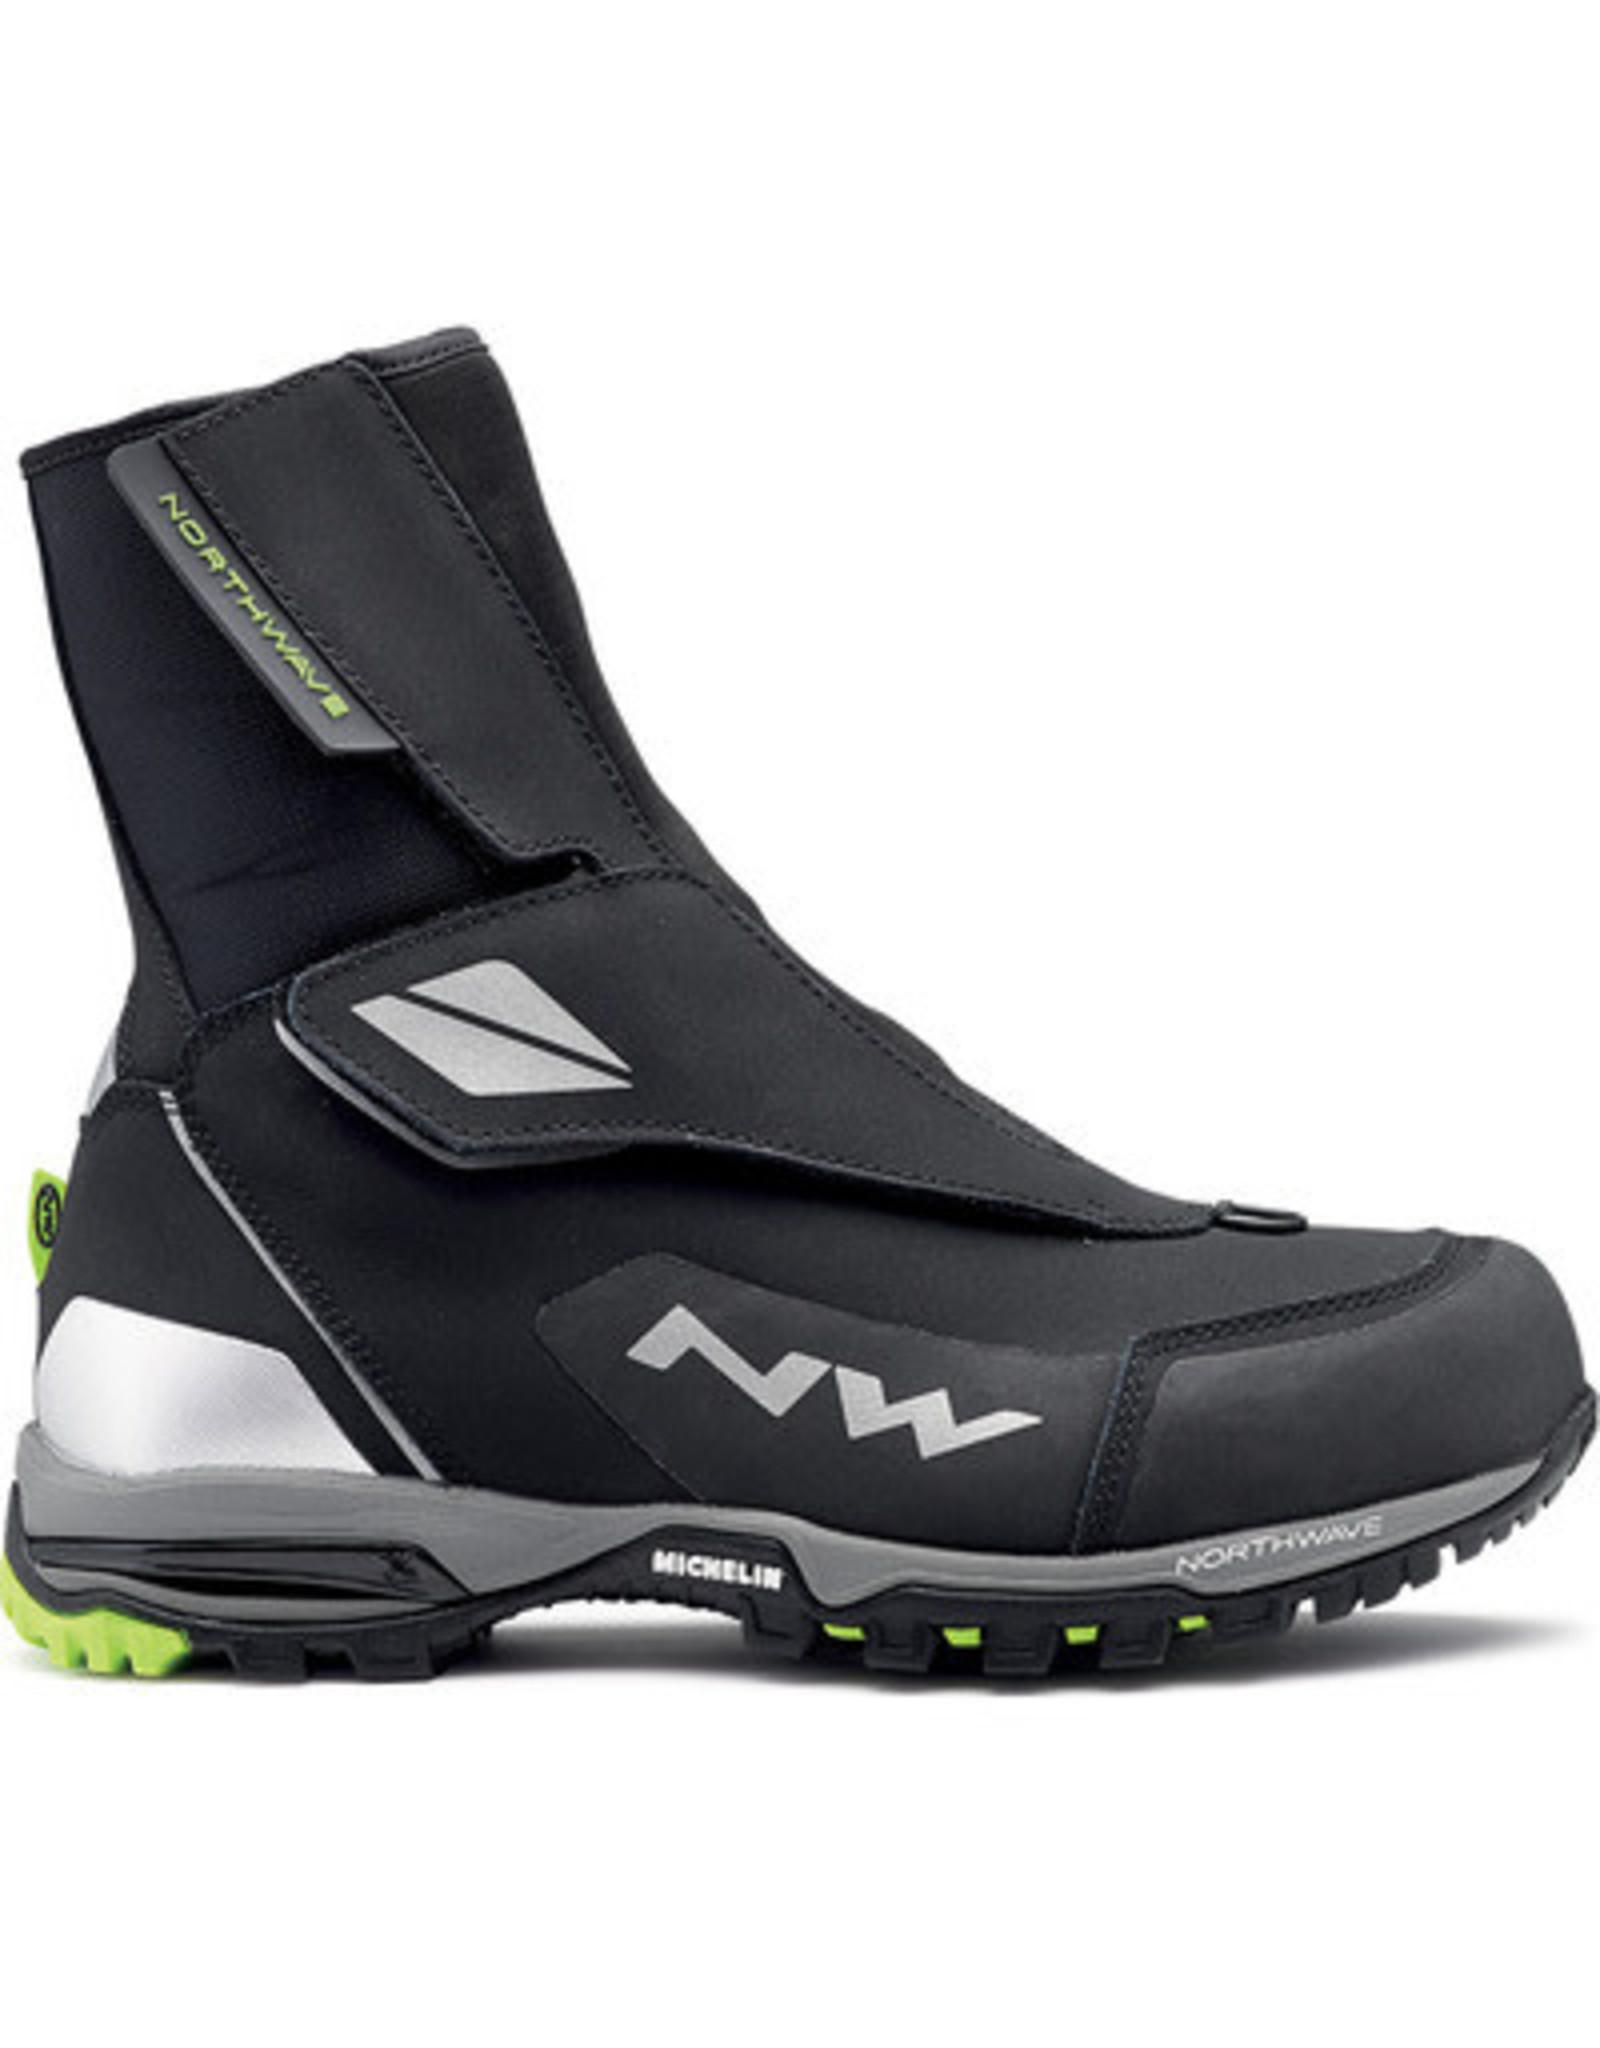 Northwave Boots NorthWave Himalaya